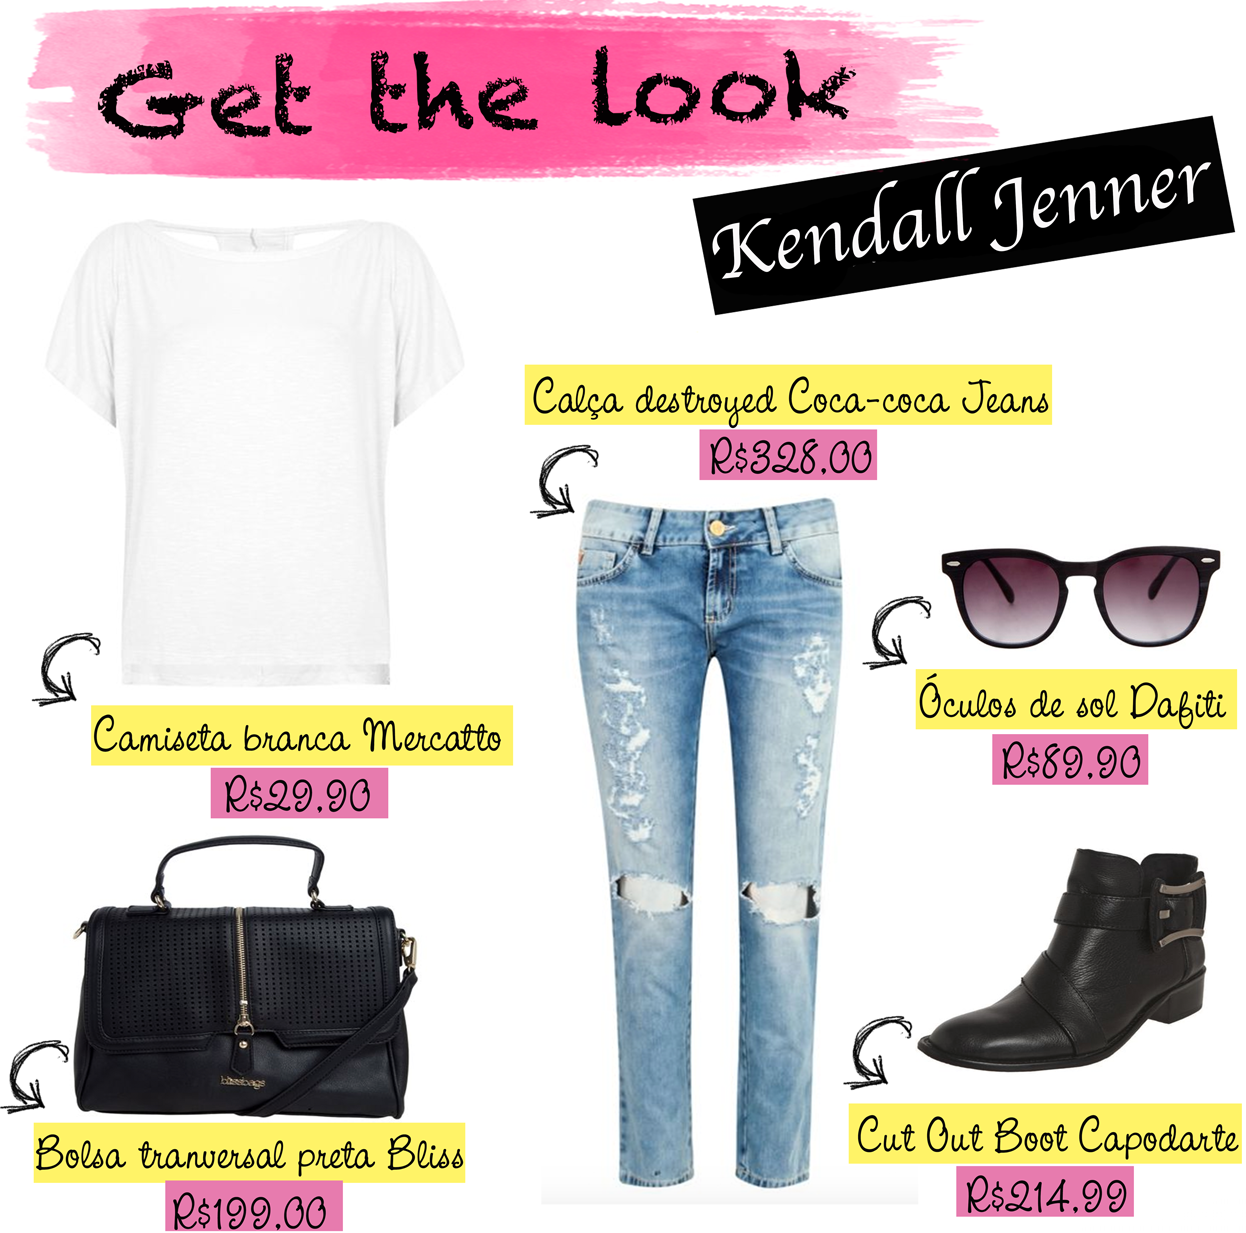 estilo, look, style, kendall jenner